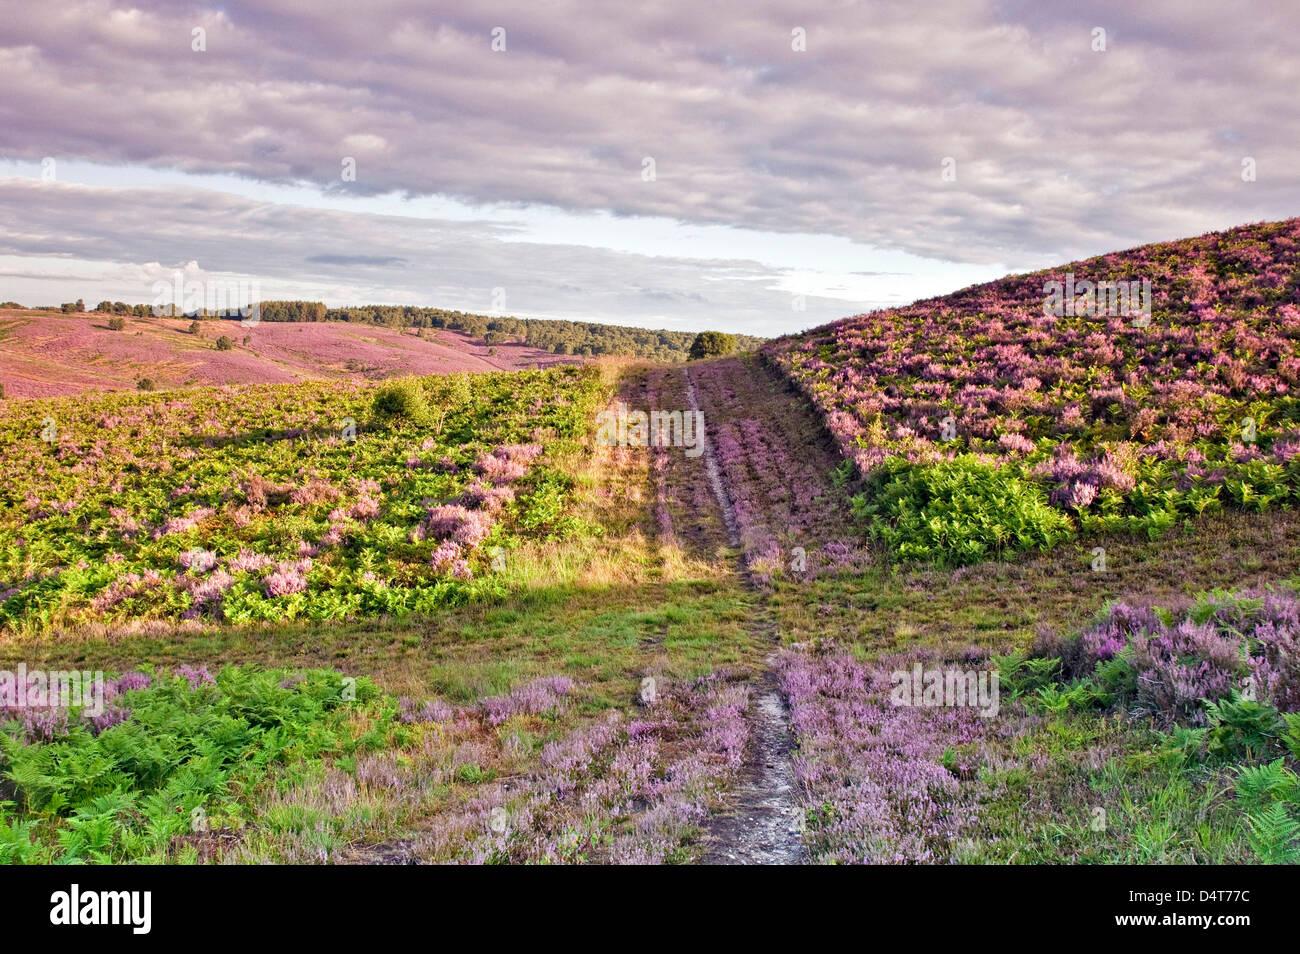 Chemin à travers les collines de landes de bruyère en fleur vue vers la vallée de Sherbrook en été Photo Stock